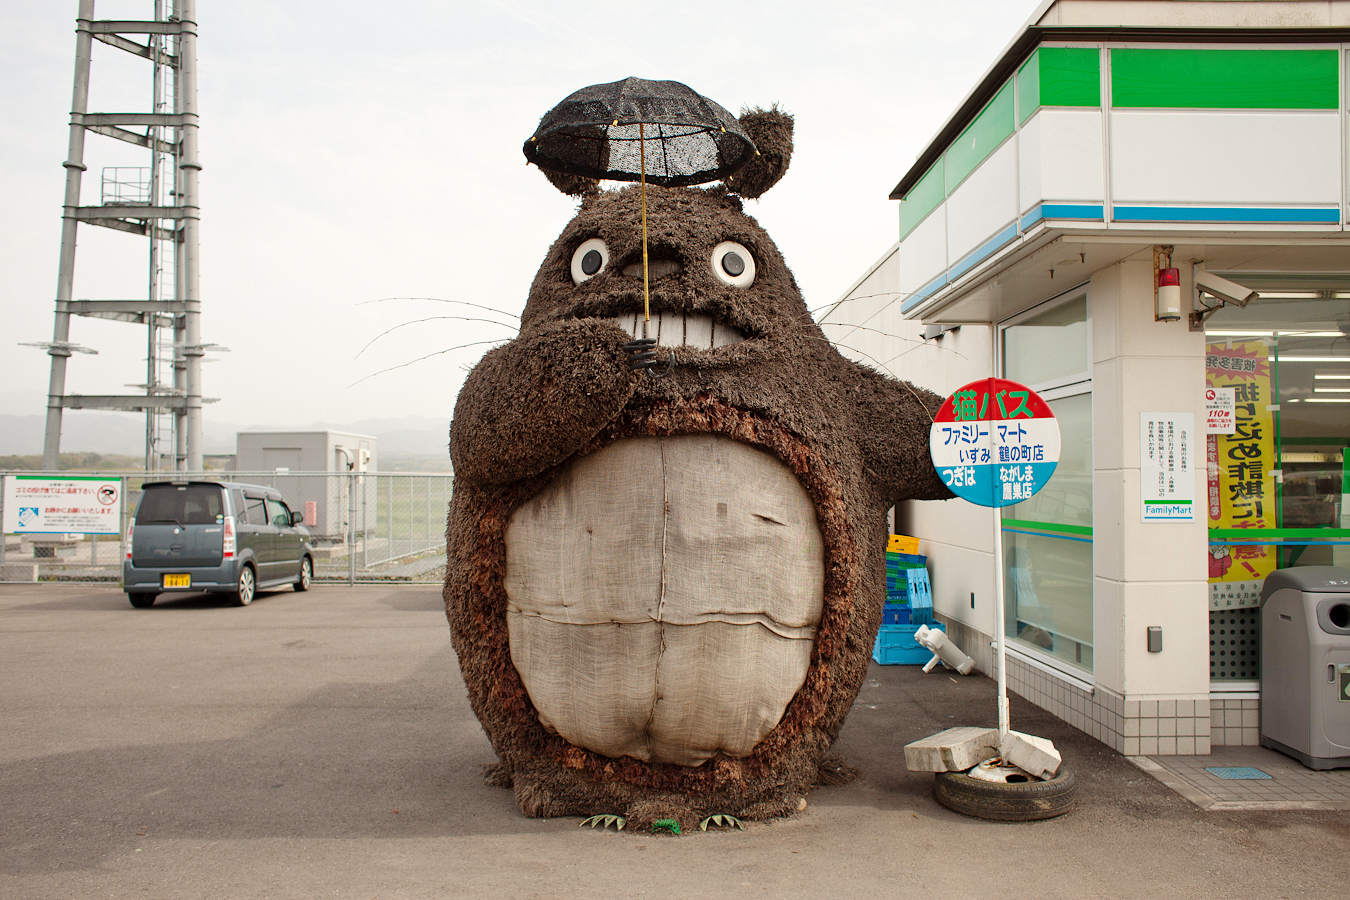 The Errant Cluster  A Big Giant Totoro 0e68623eb4